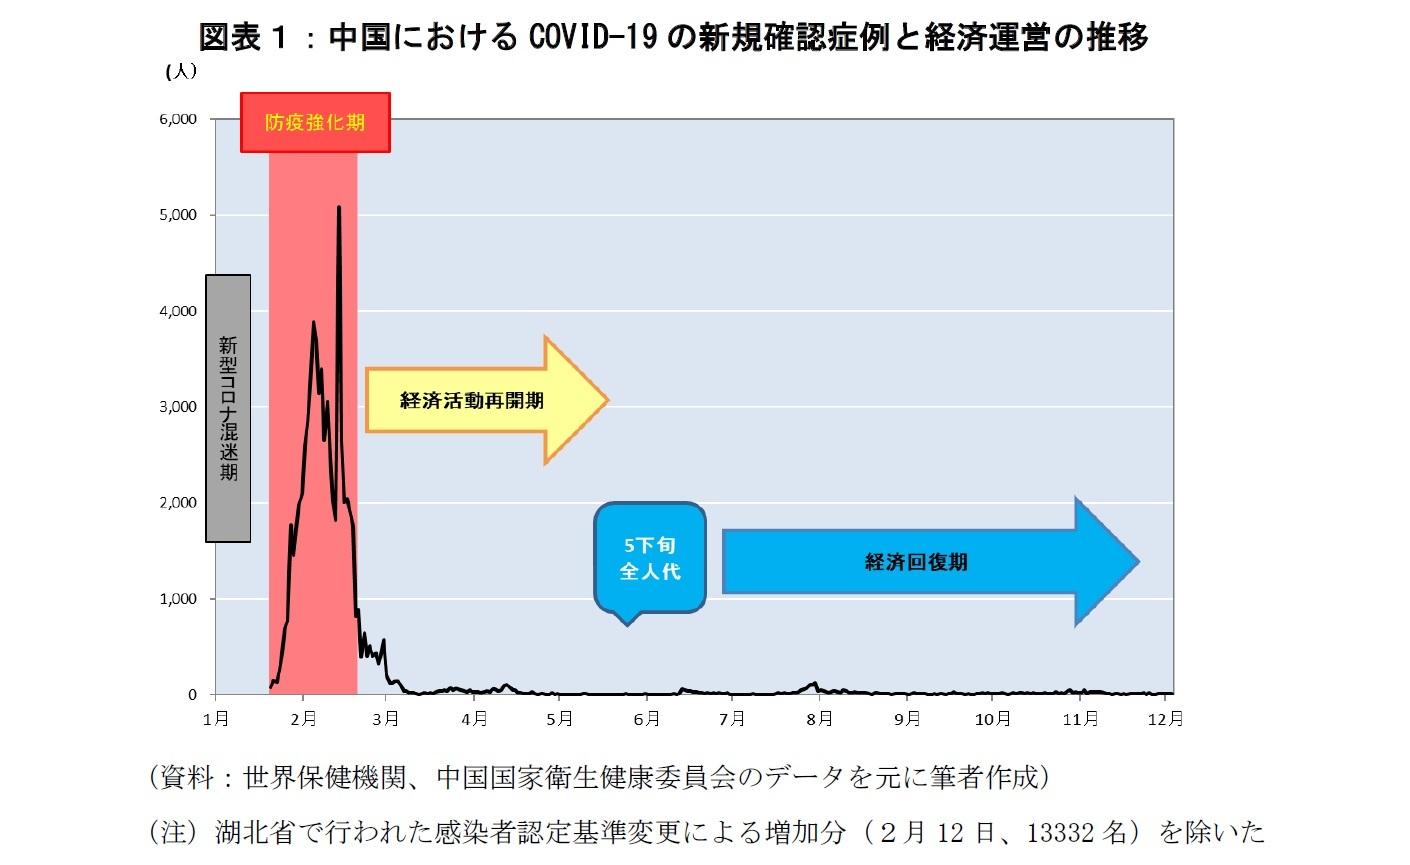 図表1:中国におけるCOVID-19の新規確認症例と経済運営の推移